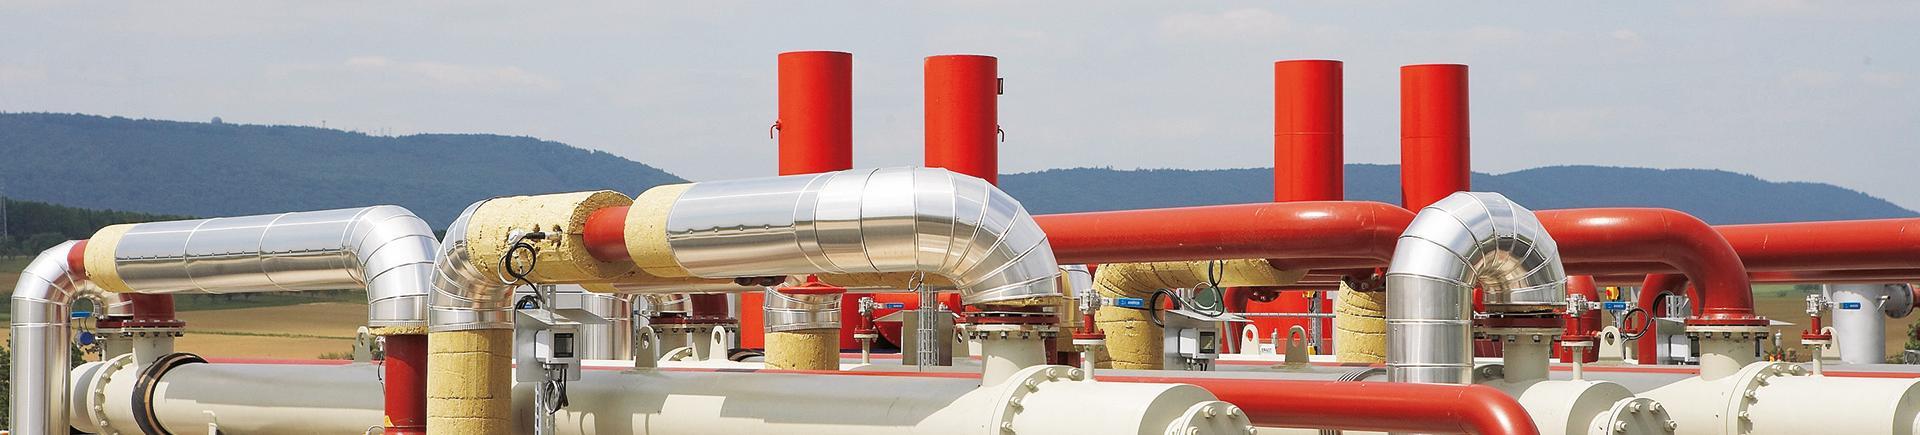 EuGeLi, il progetto europeo per estrarre il litio da salamoia geotermica